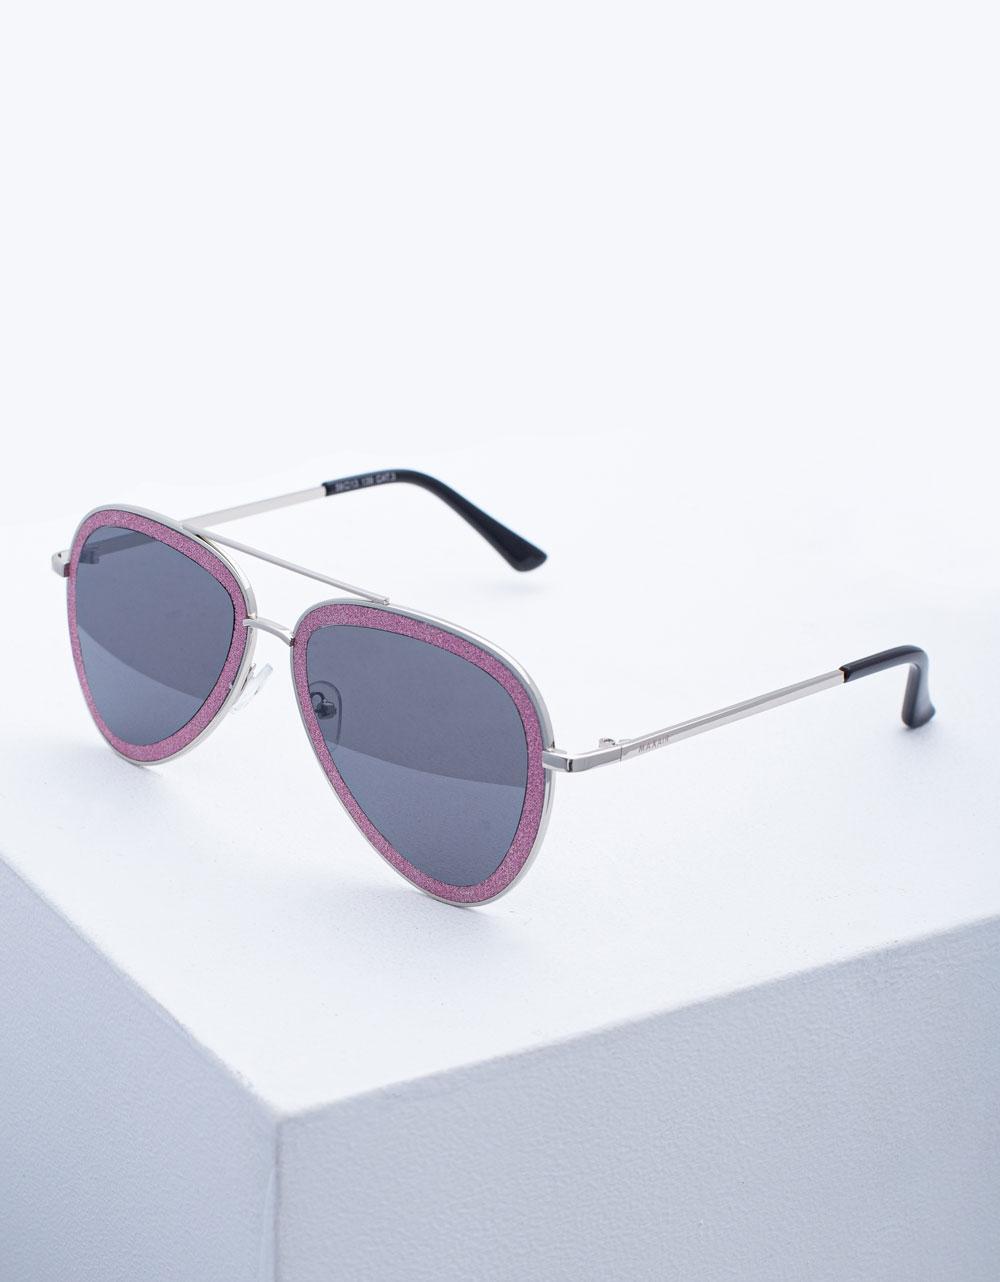 Εικόνα από Γυναικεία γυαλιά ηλίου με λεπτό σκελετό Ροζ